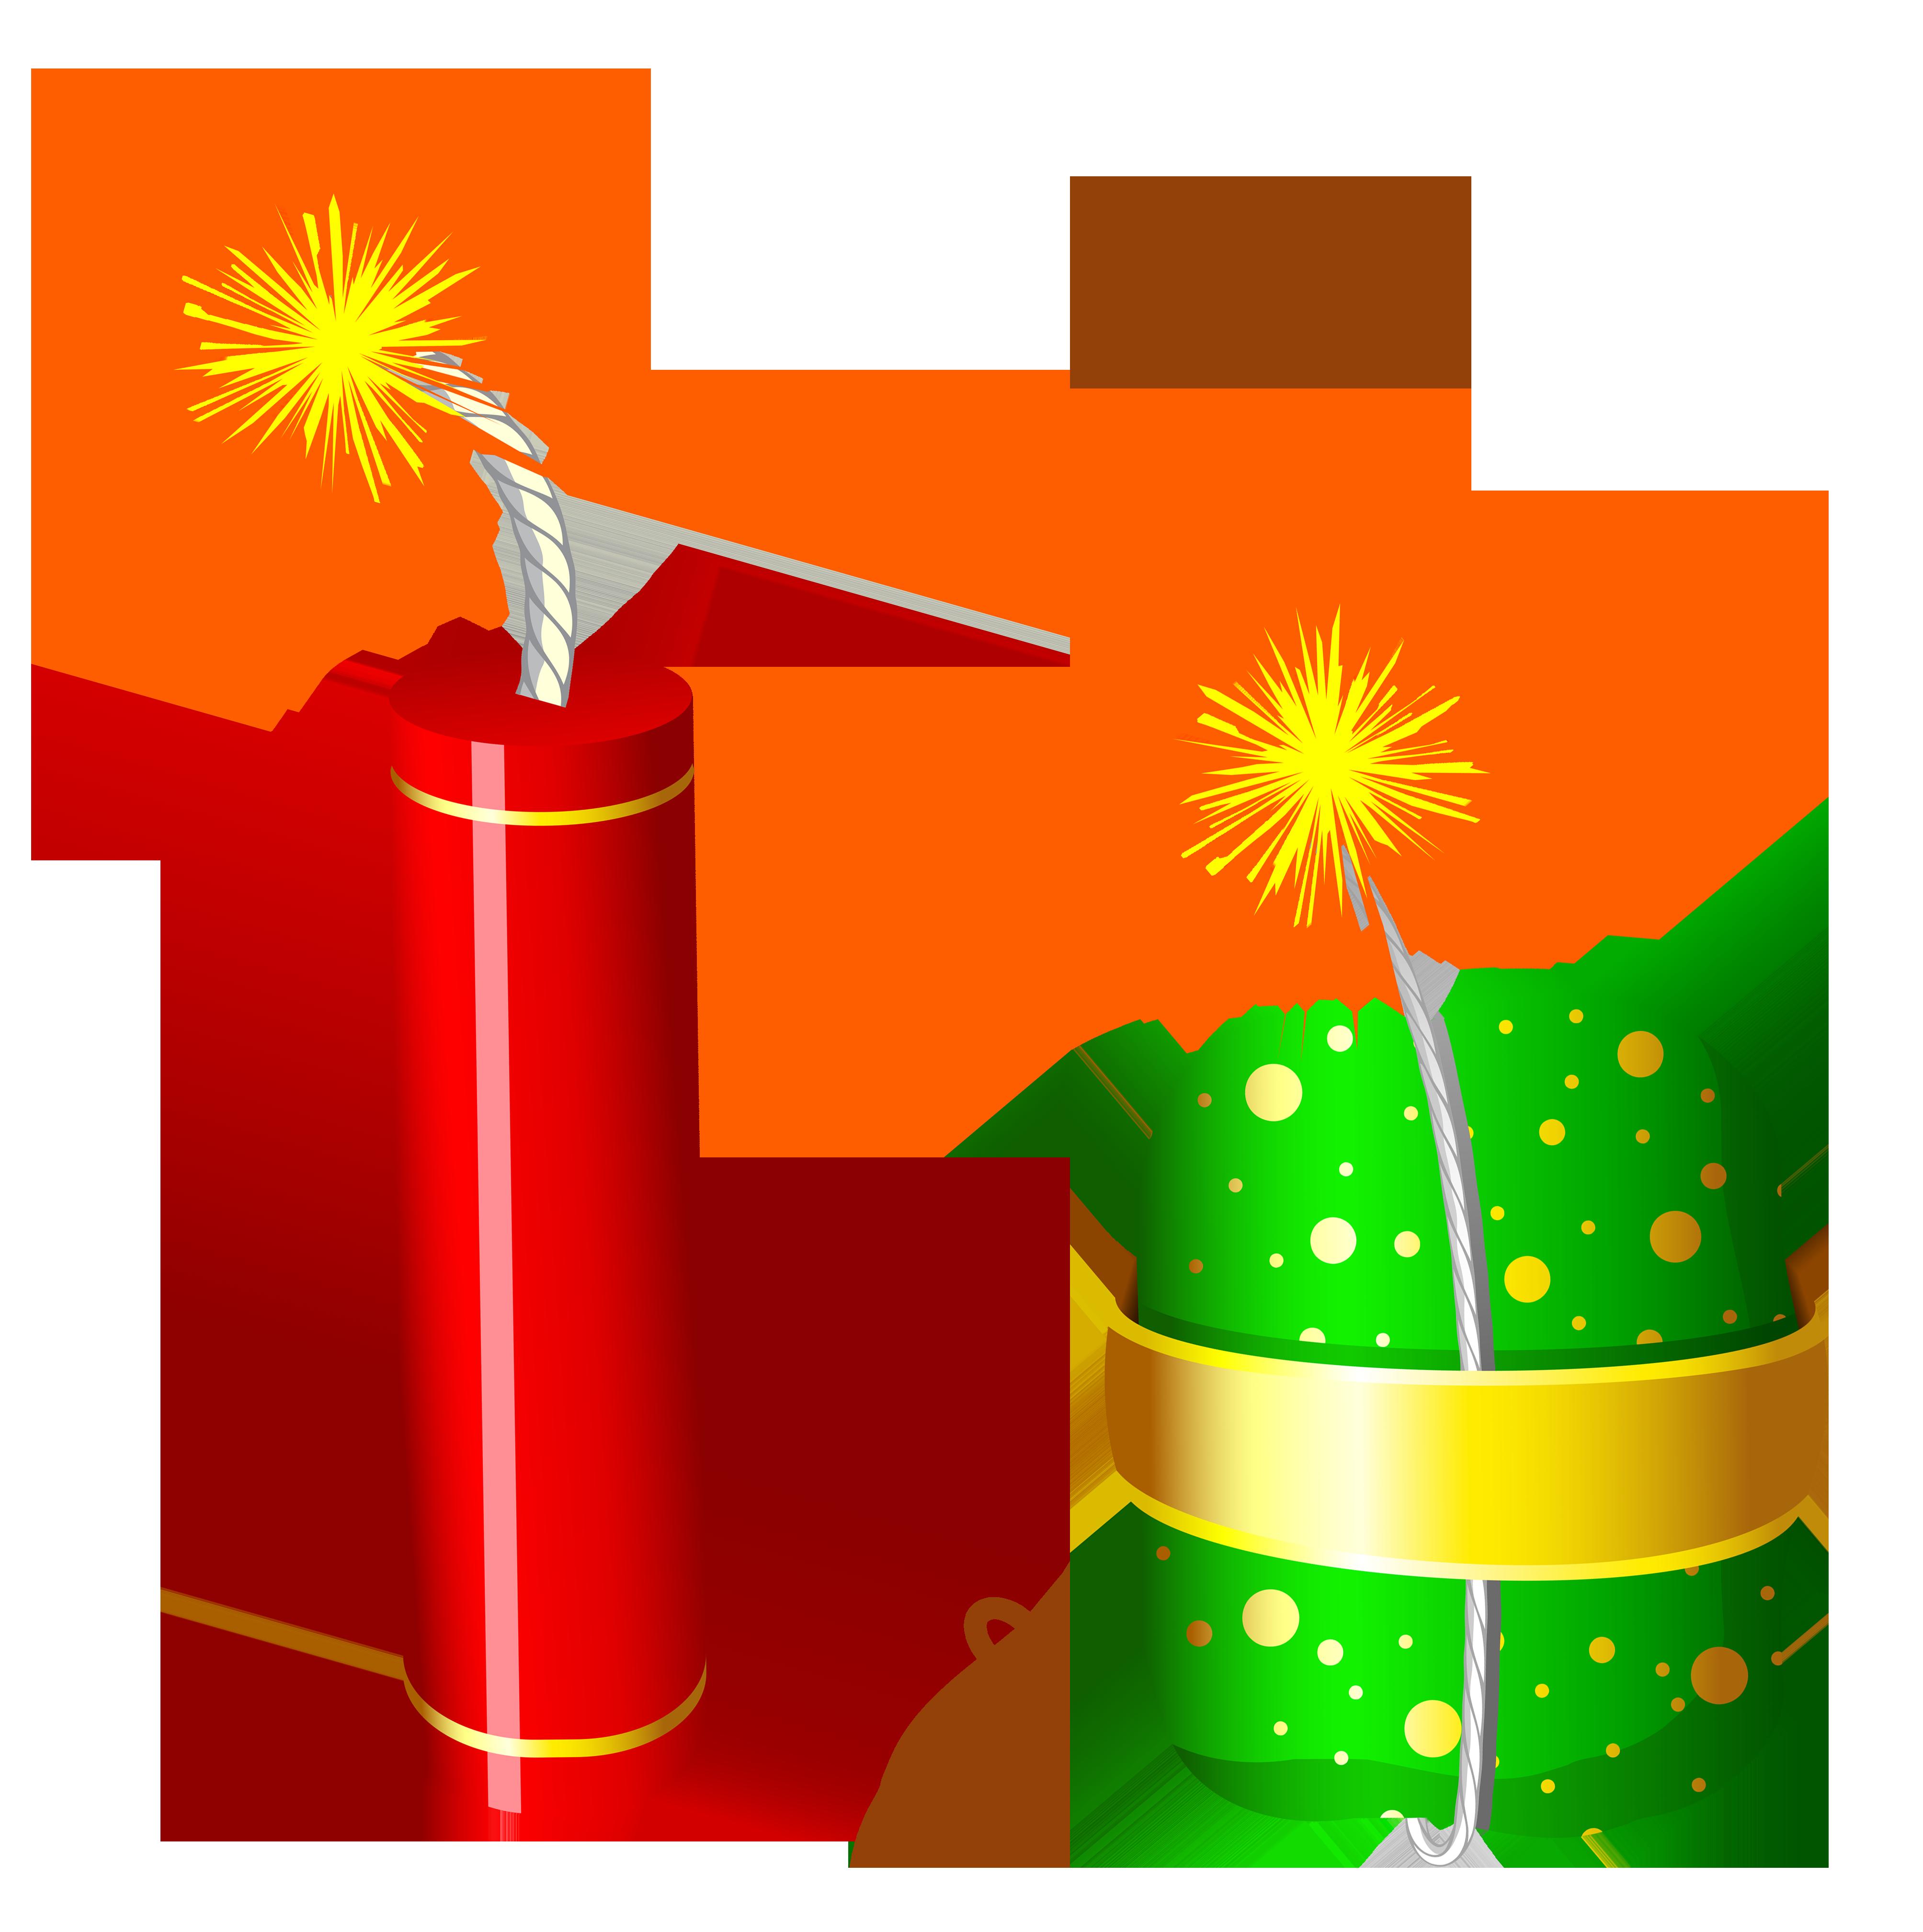 Firecracker clipart. Firecrackers png clip art